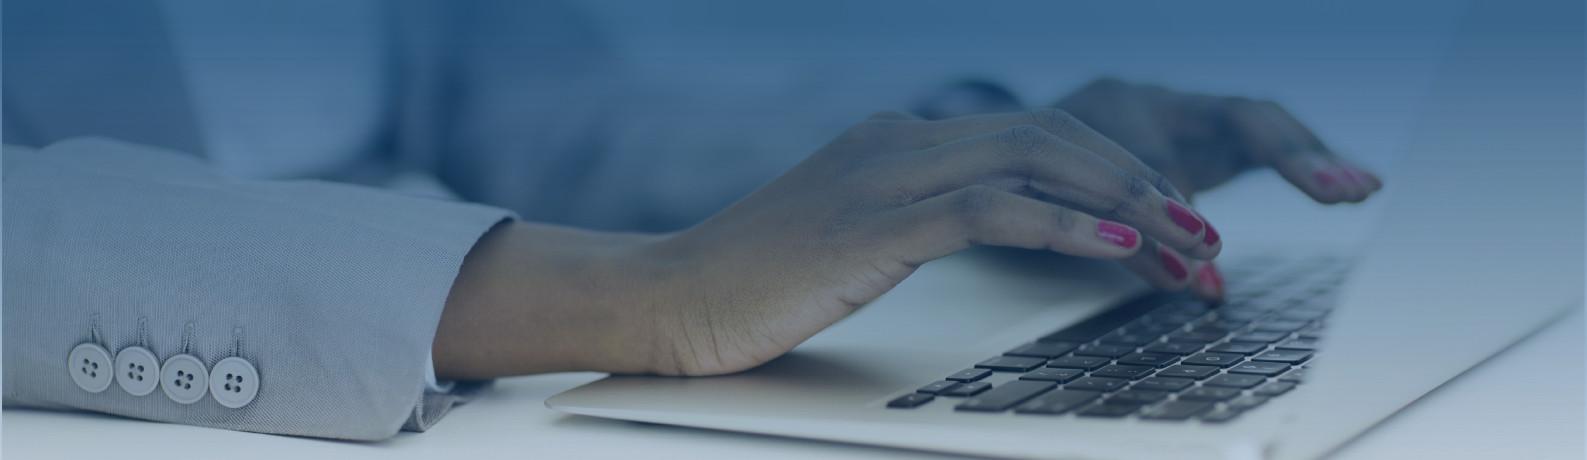 https://serpro.gov.br/menu/contato/cliente/duvidas-mais-frequentes/certificacao-digital/certificacao-digital